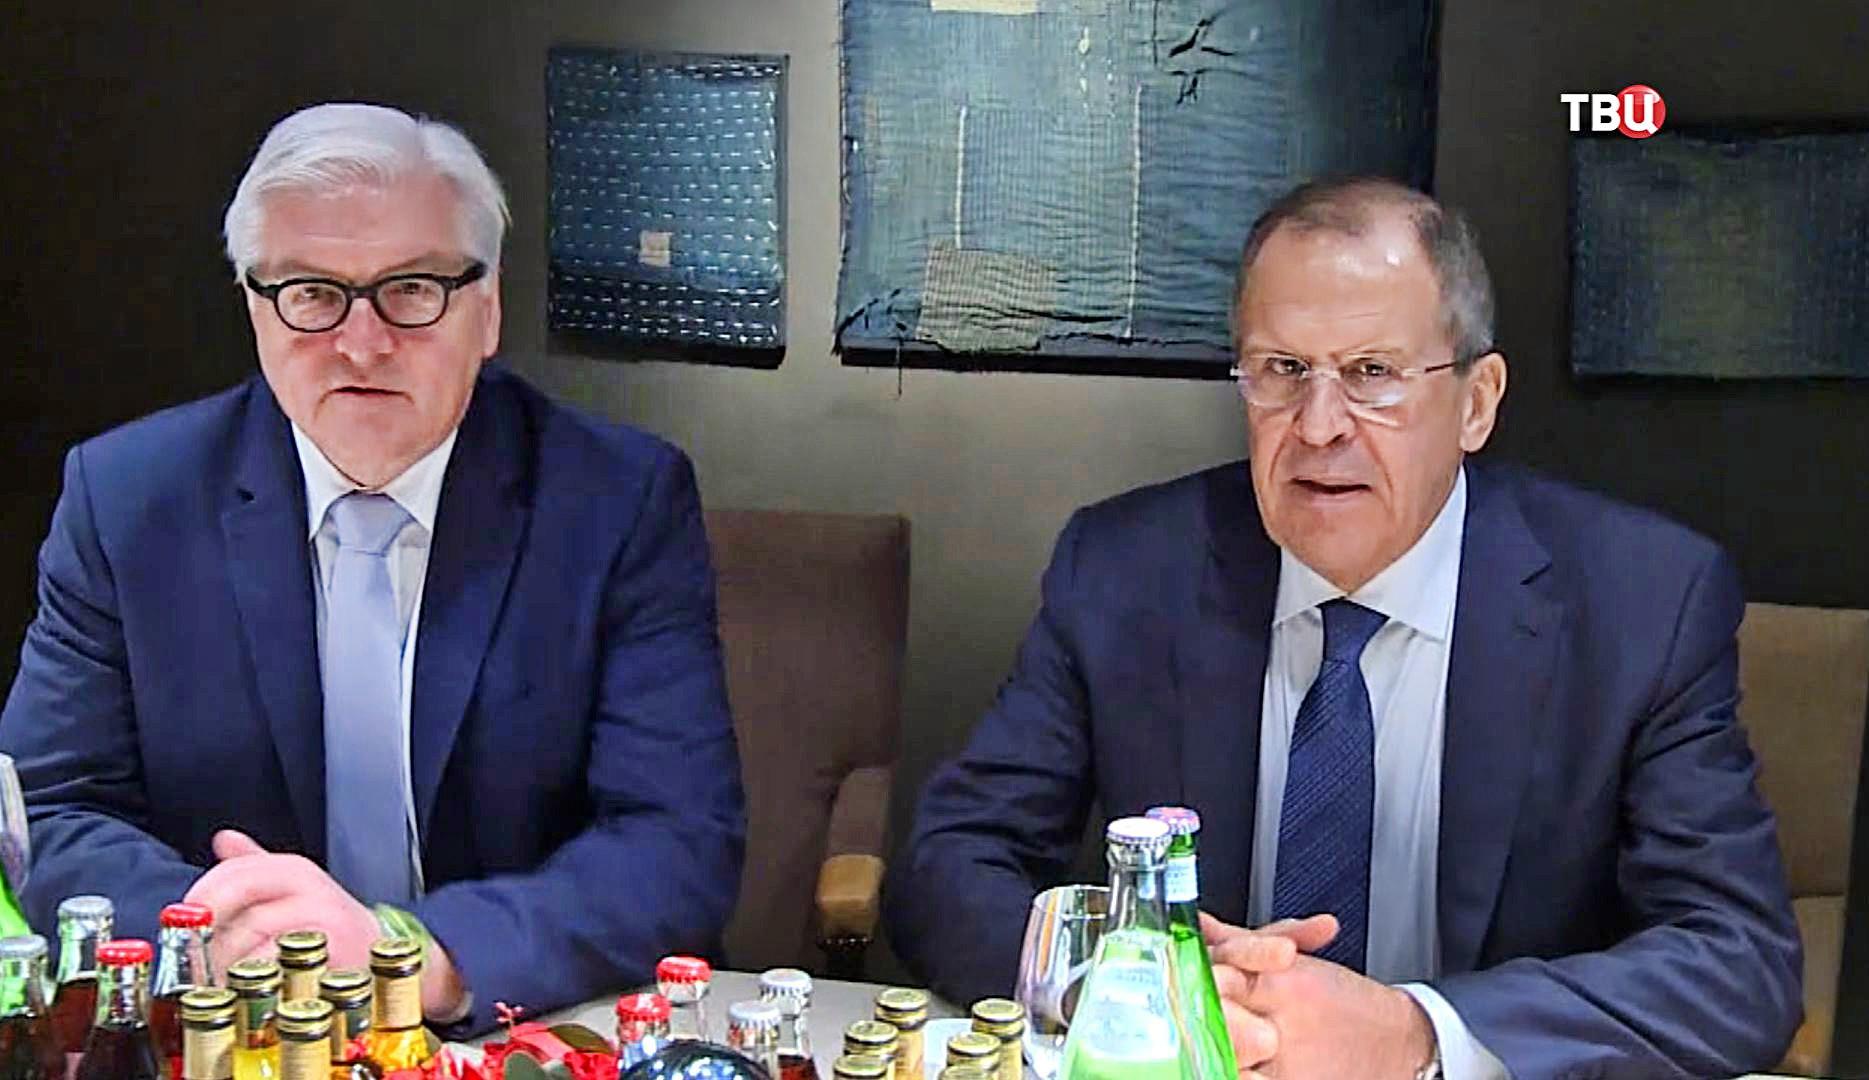 Глава МИД России Сергей Лавров и глава МИД ФРГ Франк-Вальтер Штайнмайер